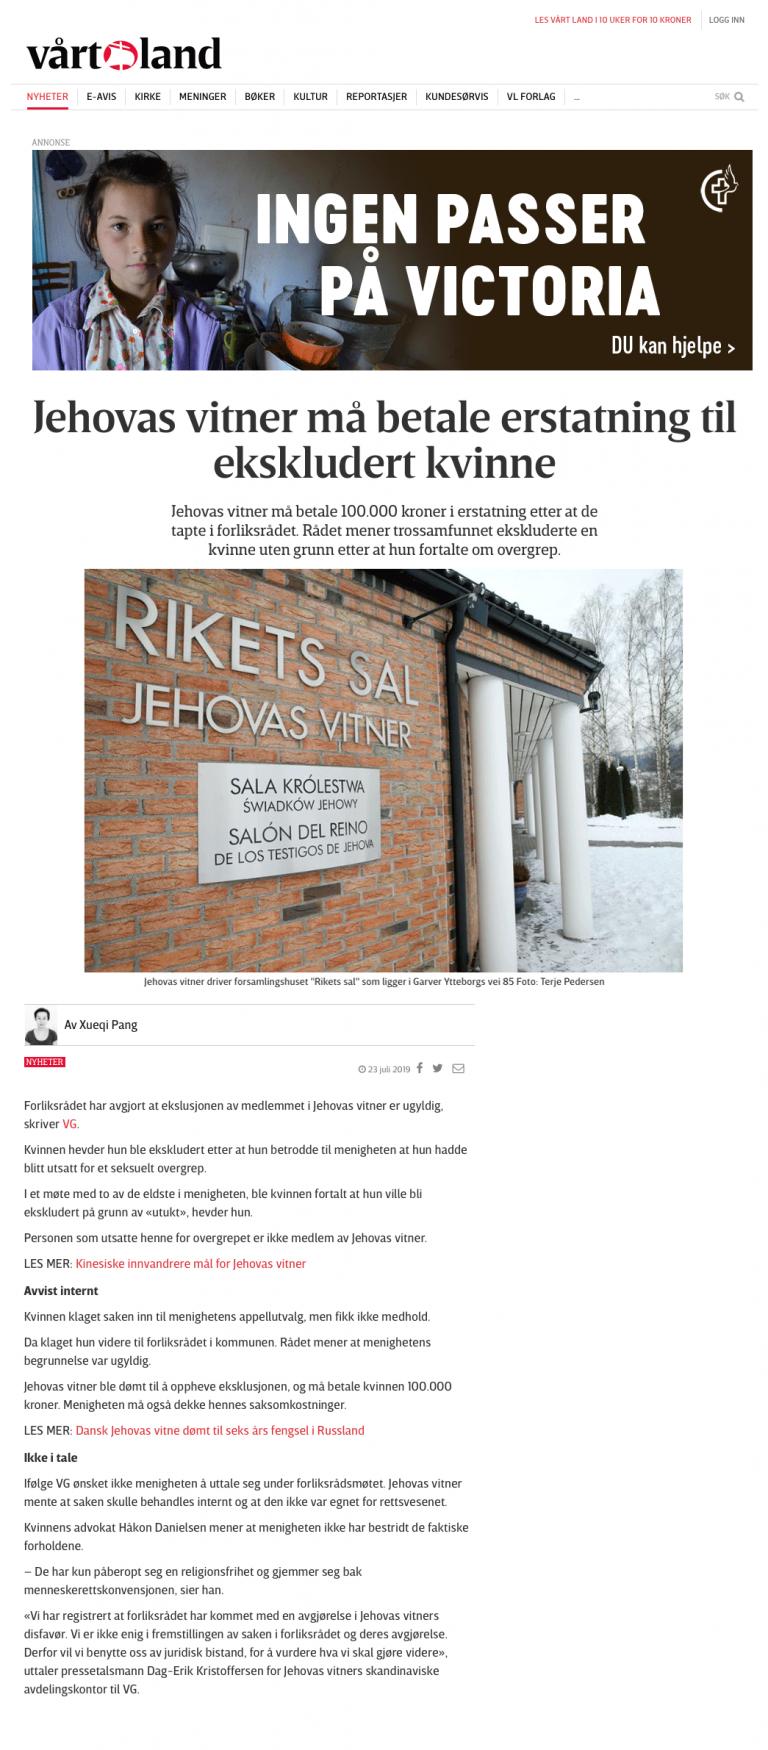 Ærekrenkelse Jehovas vitner må betale erstatning. Advokat Danielsen & Co. Per Danielsen. Advokat i Oslo.